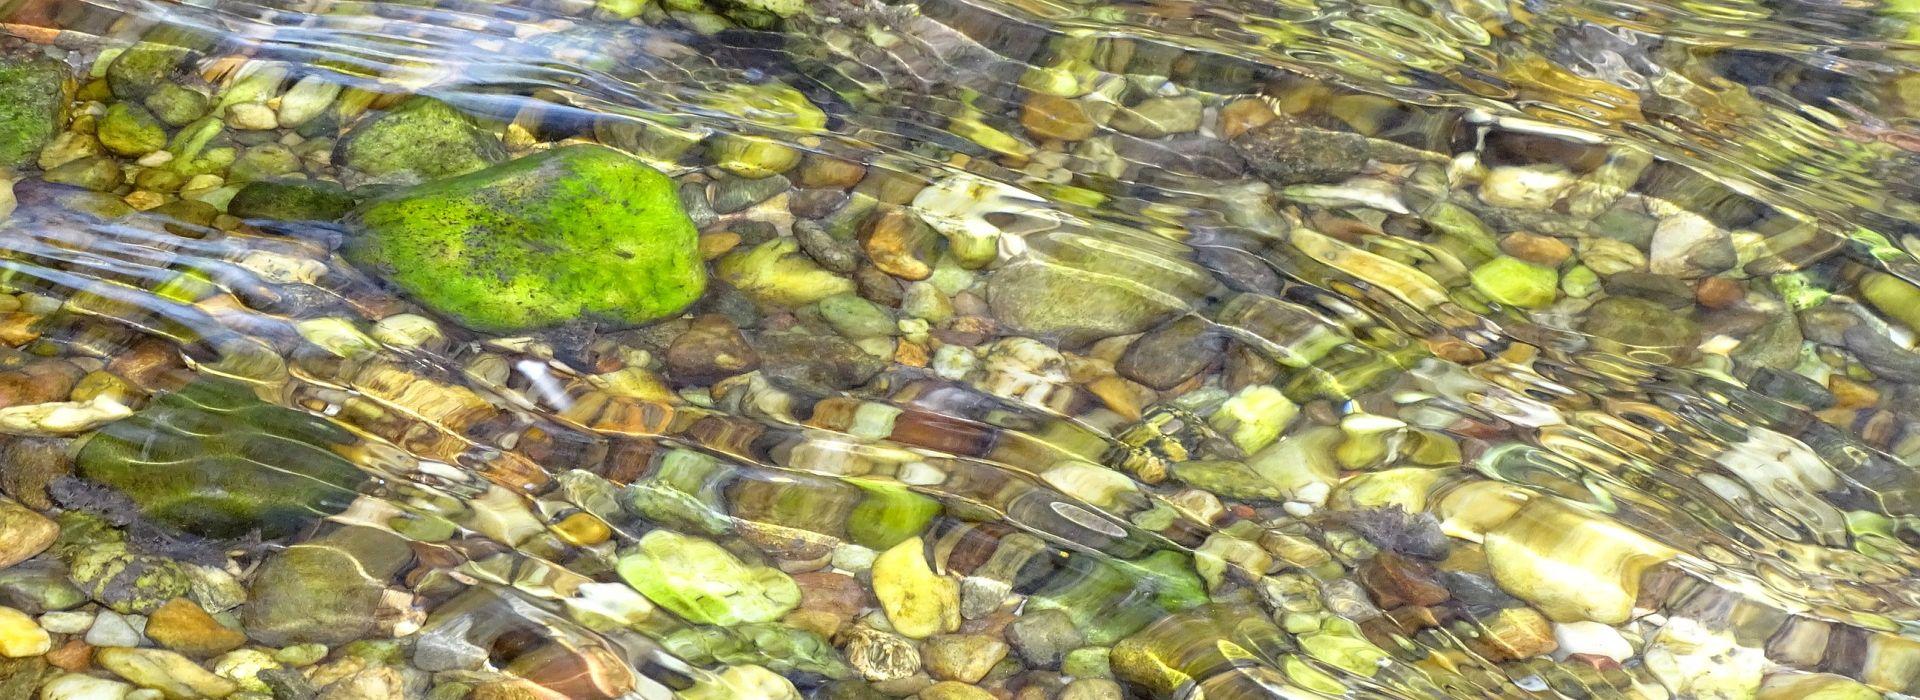 Klarer Fluss 1920x700